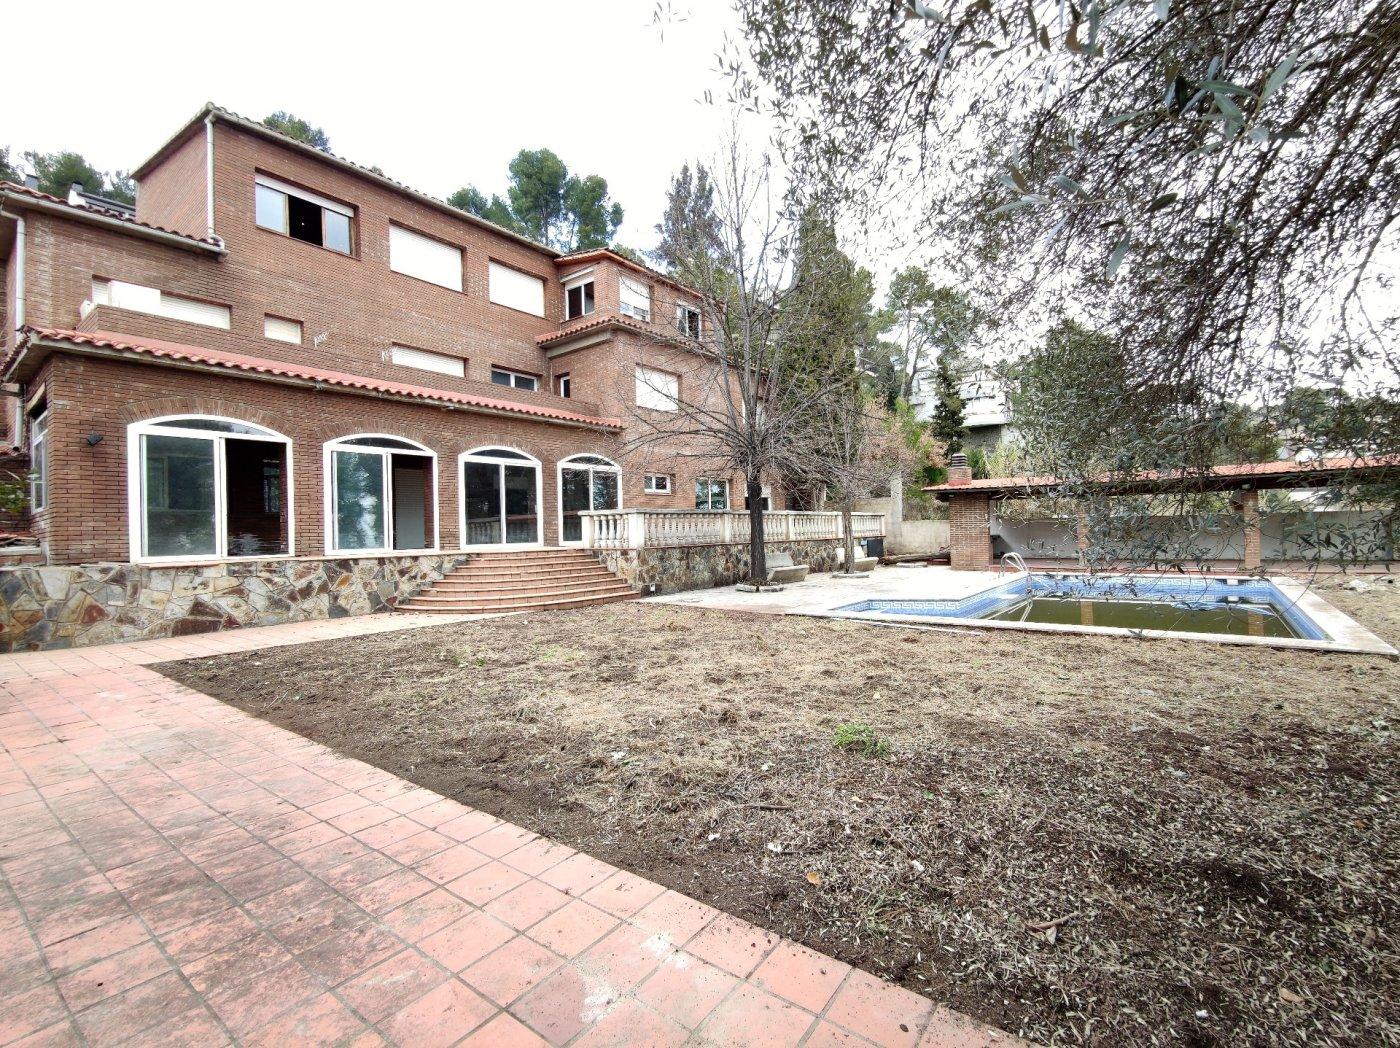 casa-con-terreno en palleja · fontpineda 479000€